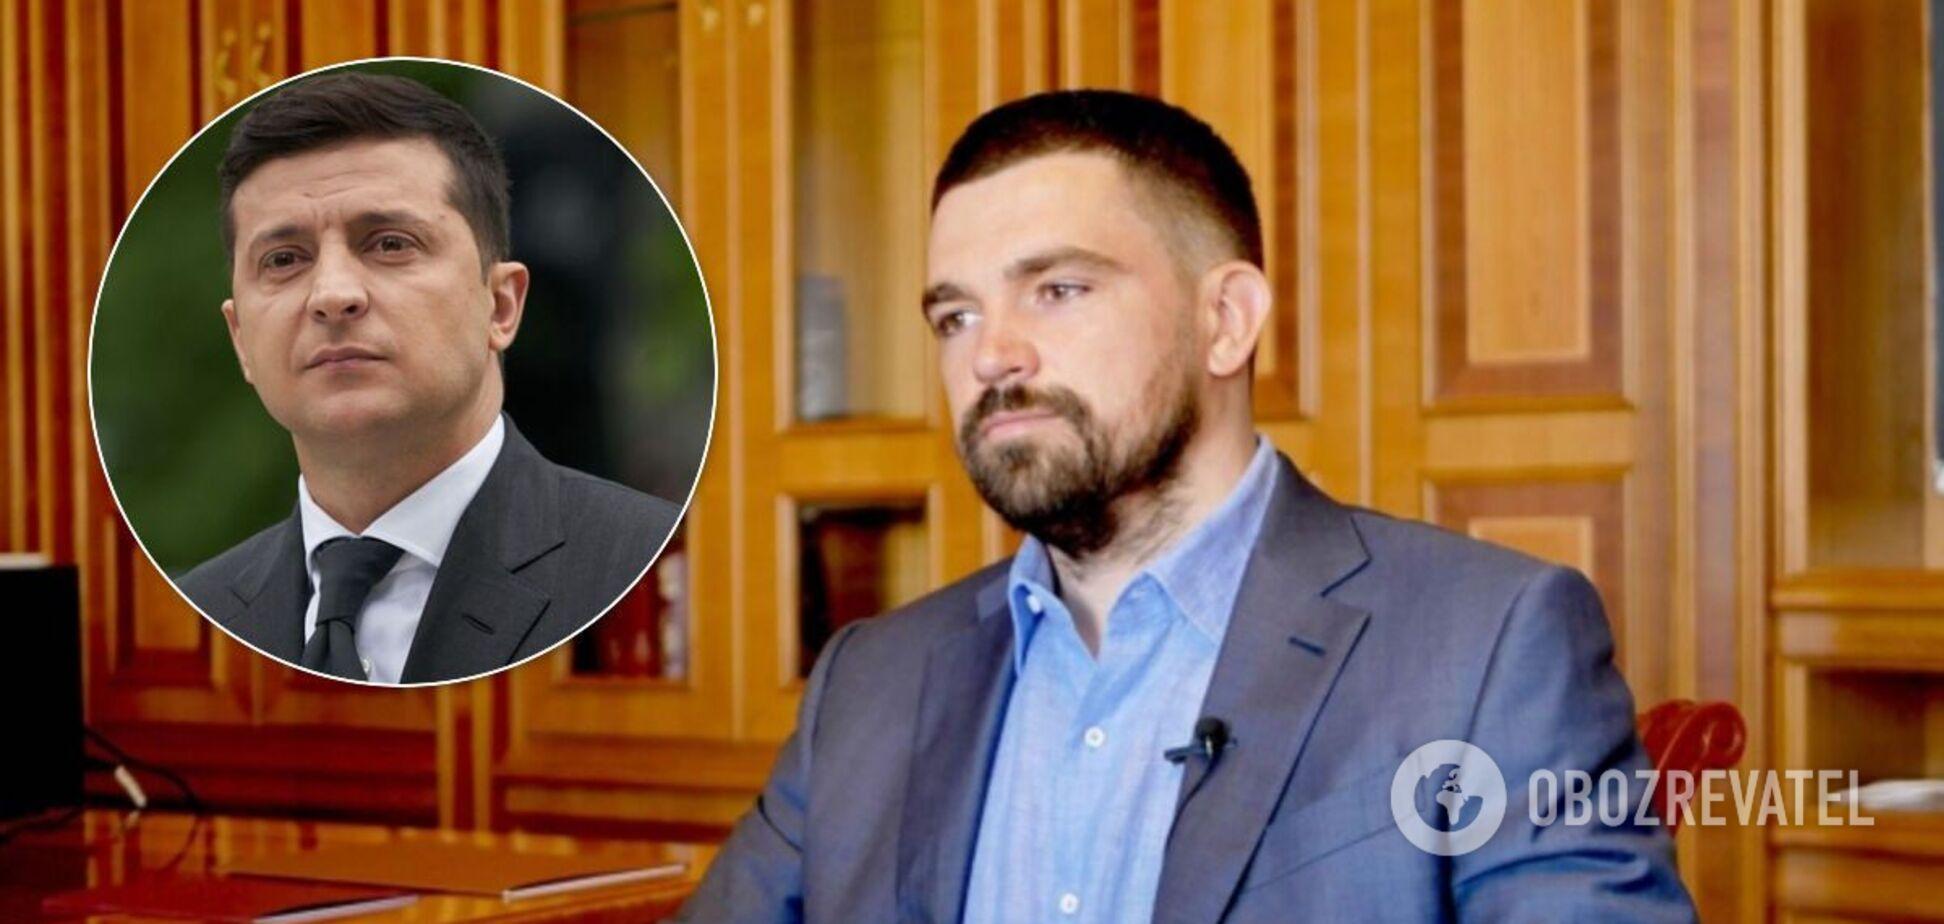 Зеленський звільнив Трофімова з ОП та знайшов йому нову посаду